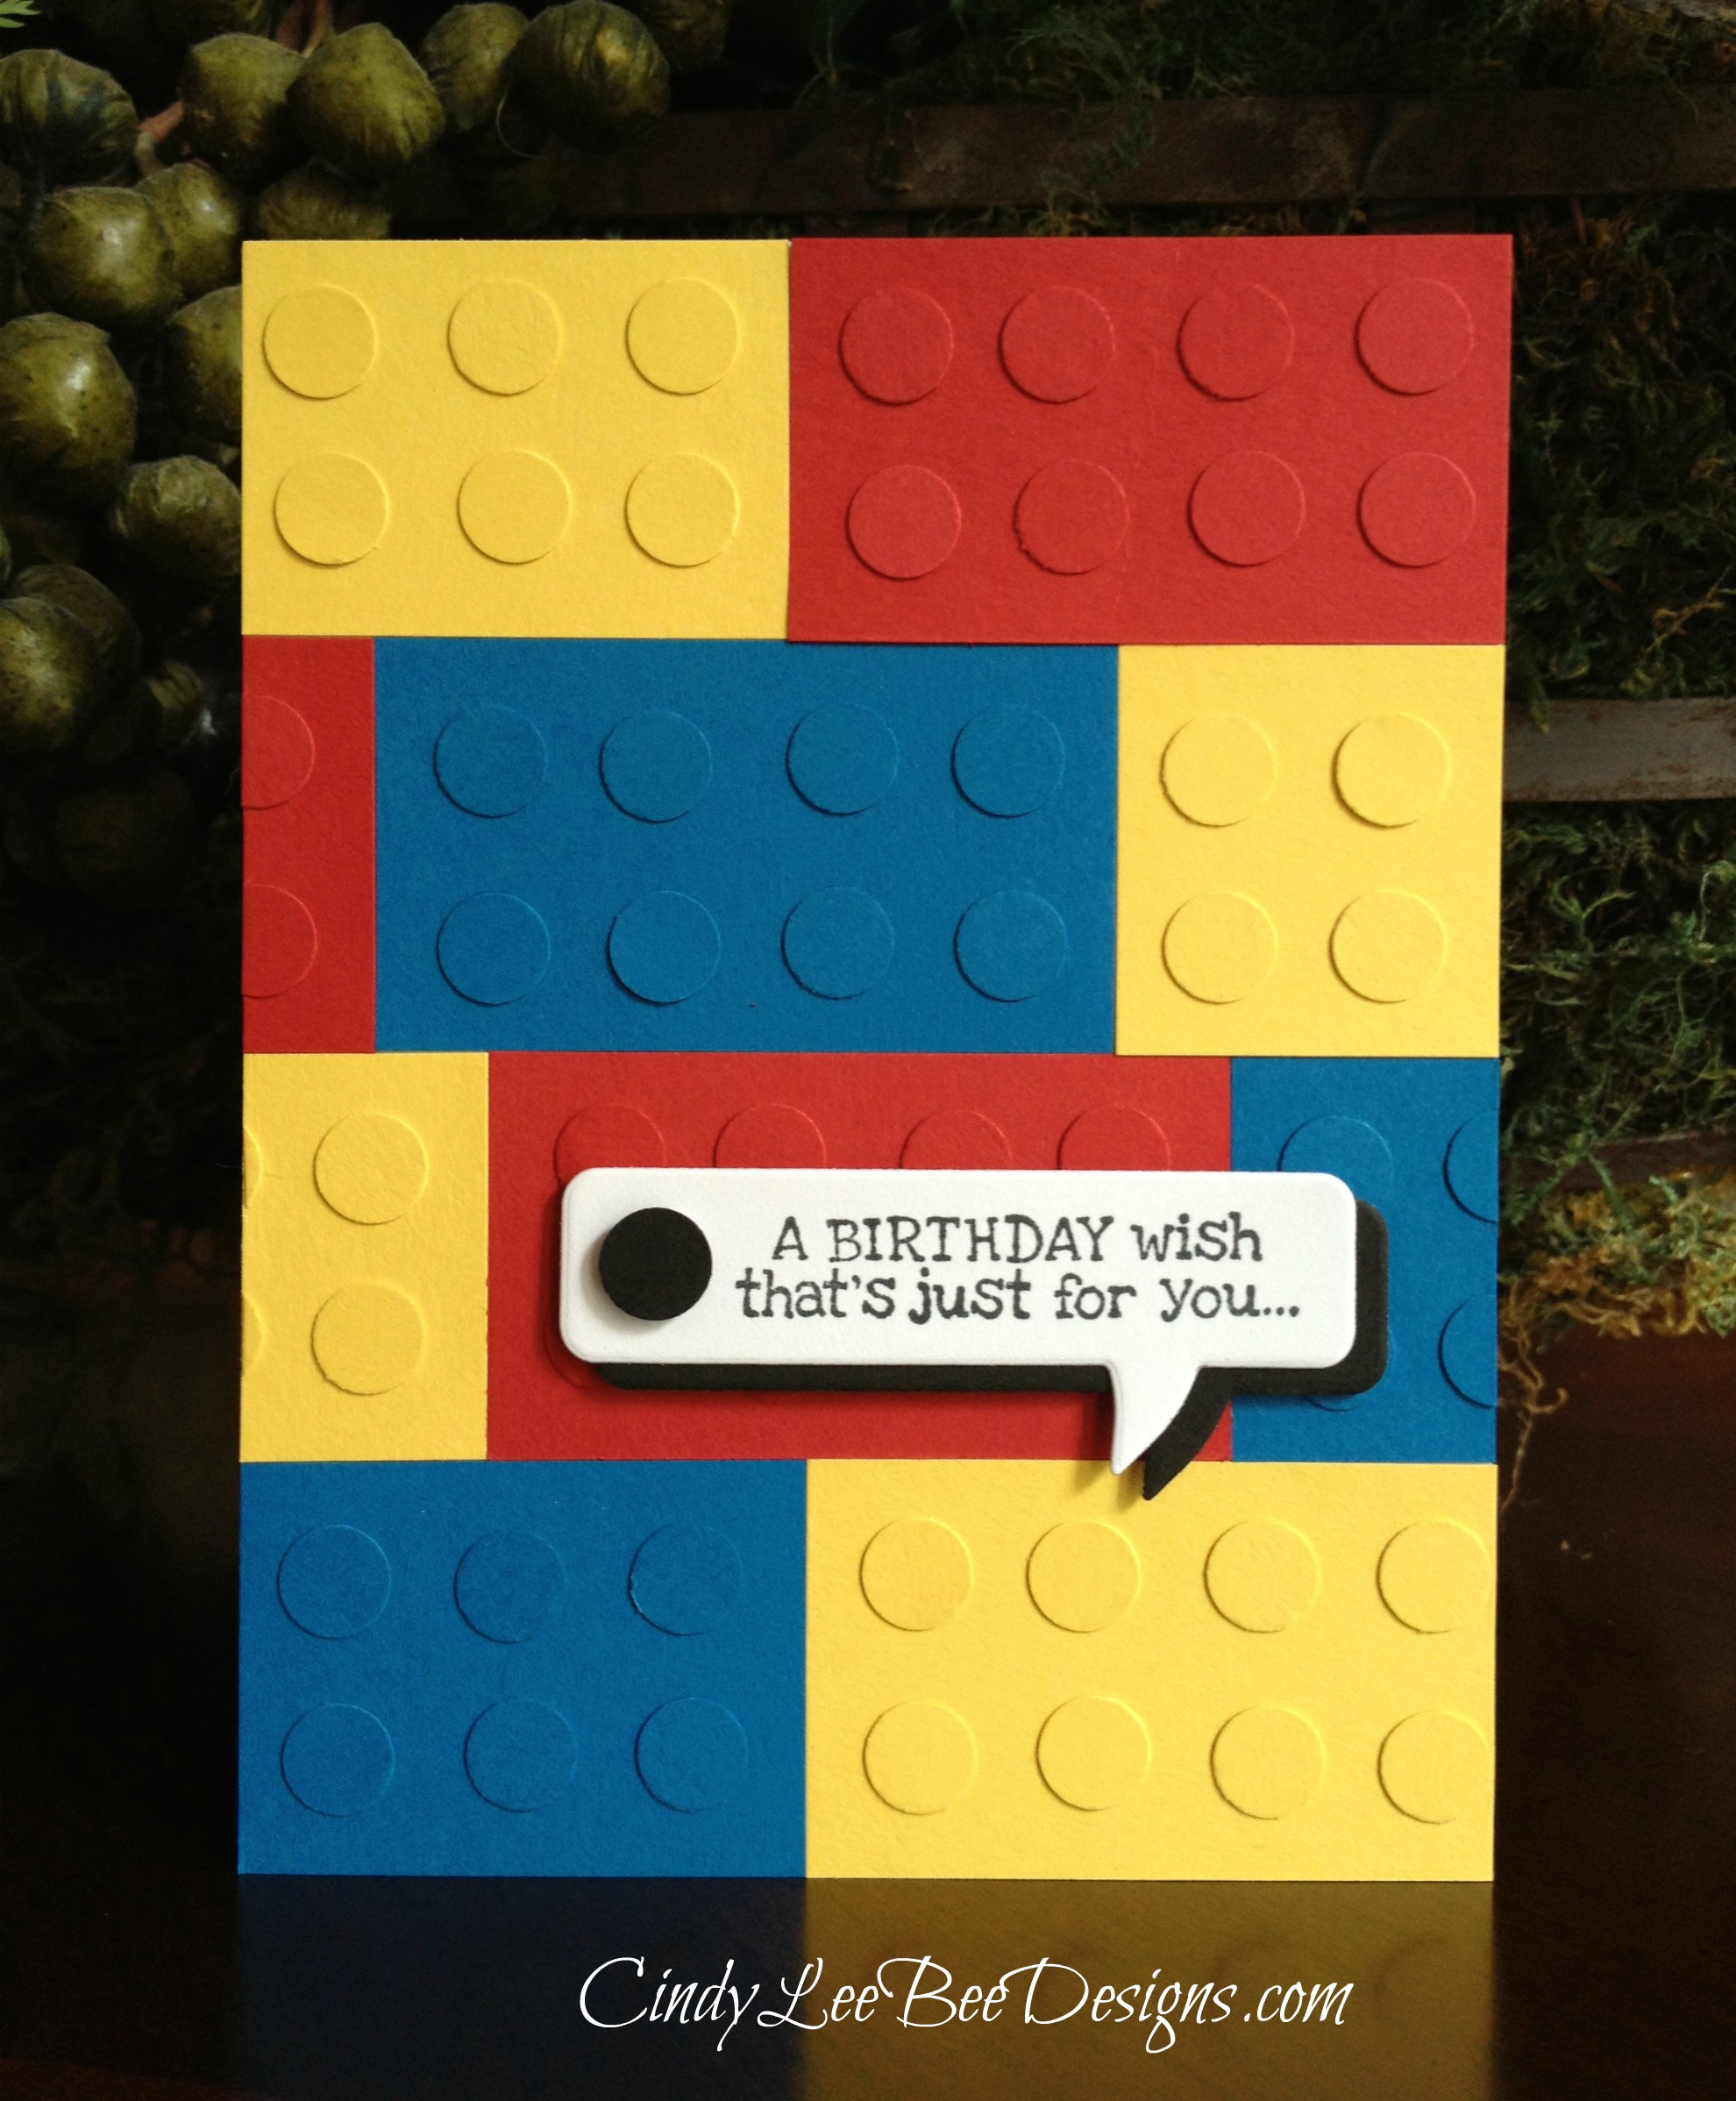 Лего открытка своими руками, найти красивые